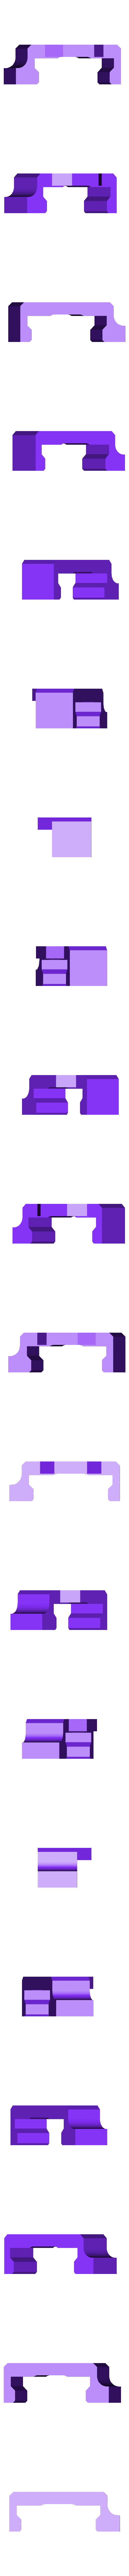 startendCLIP.stl Télécharger fichier STL gratuit chaîne de traînage 10x10 • Design imprimable en 3D, raffosan